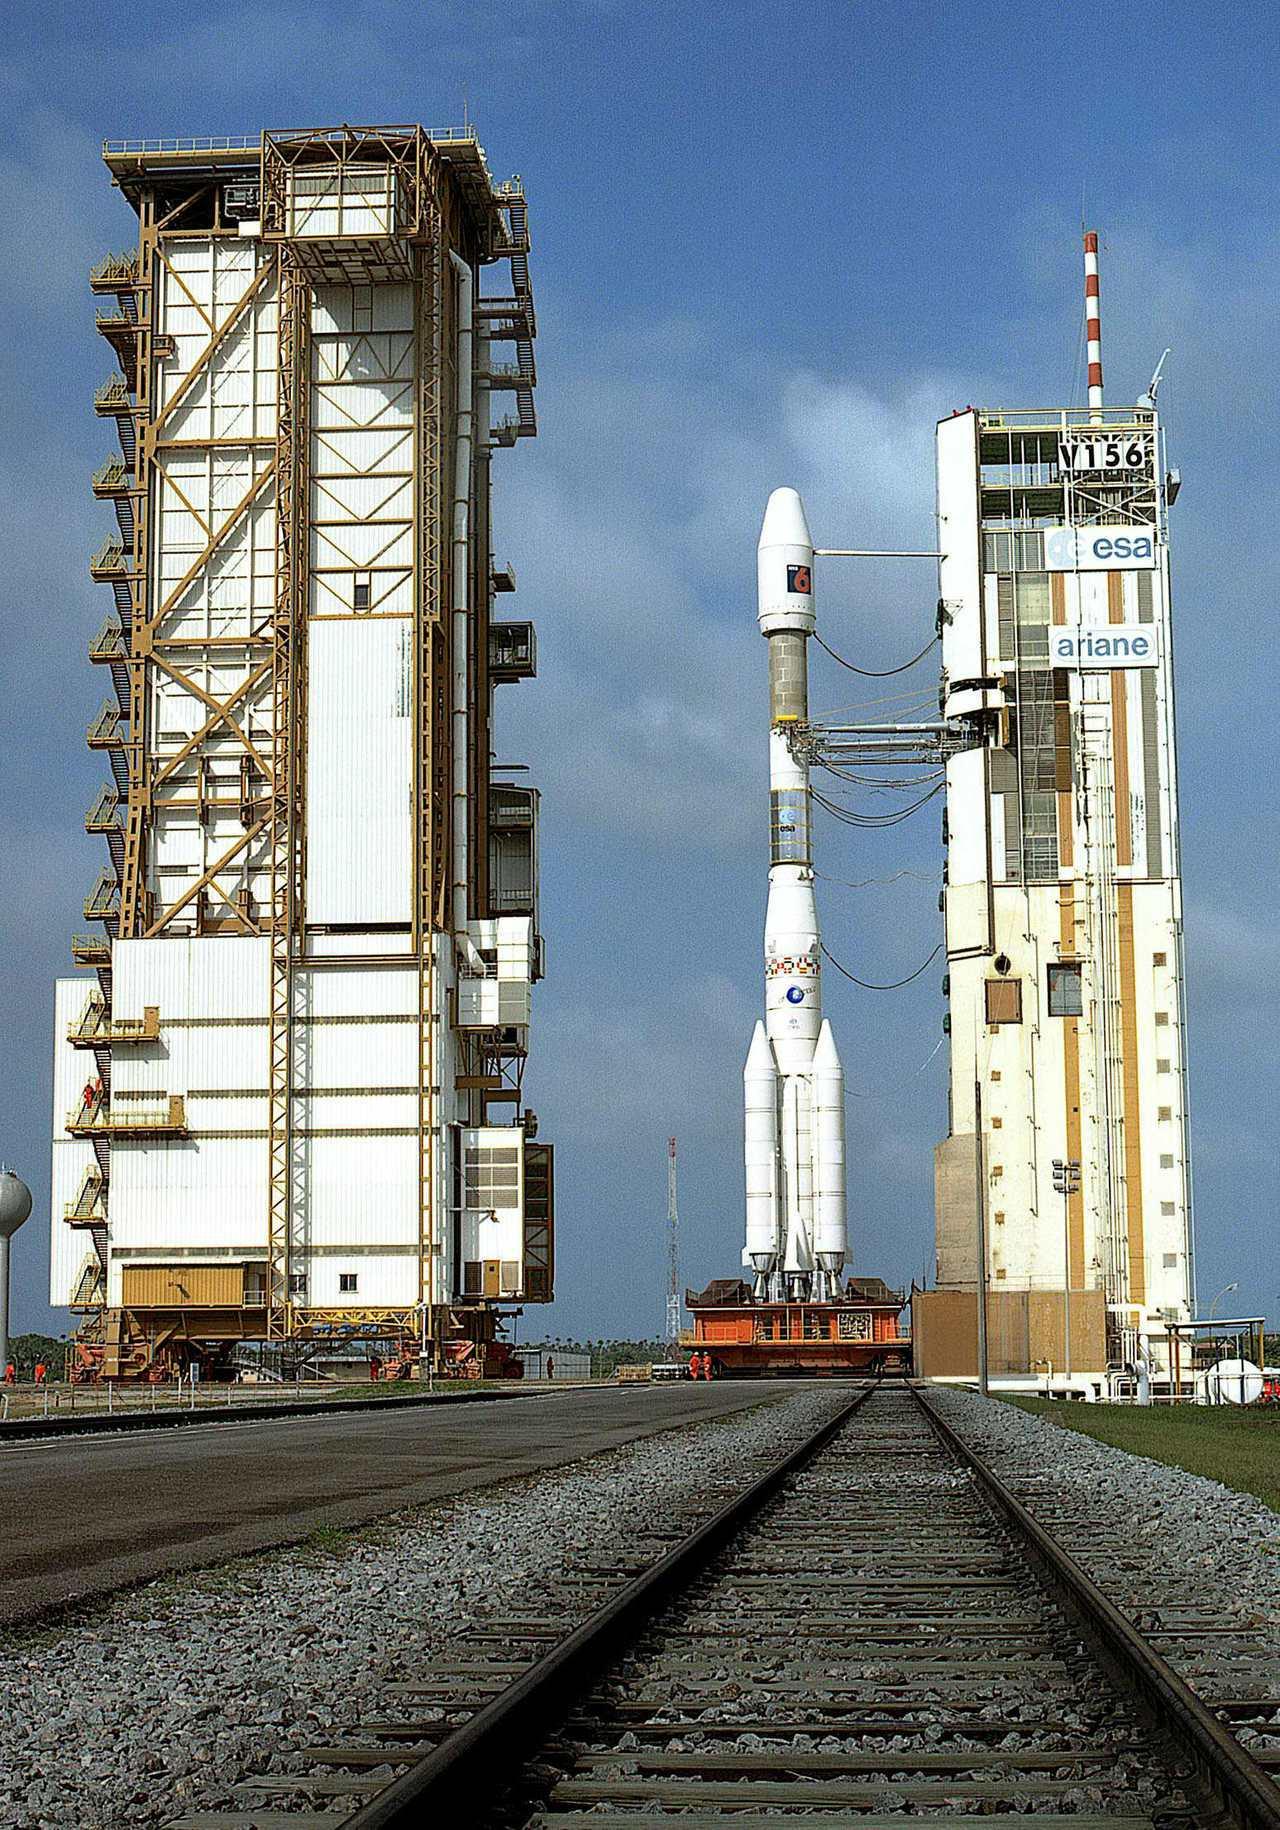 美國空軍表示,歐洲的亞利安火箭4號上月在太空軌道爆炸,圖為2002年該型火箭在法...